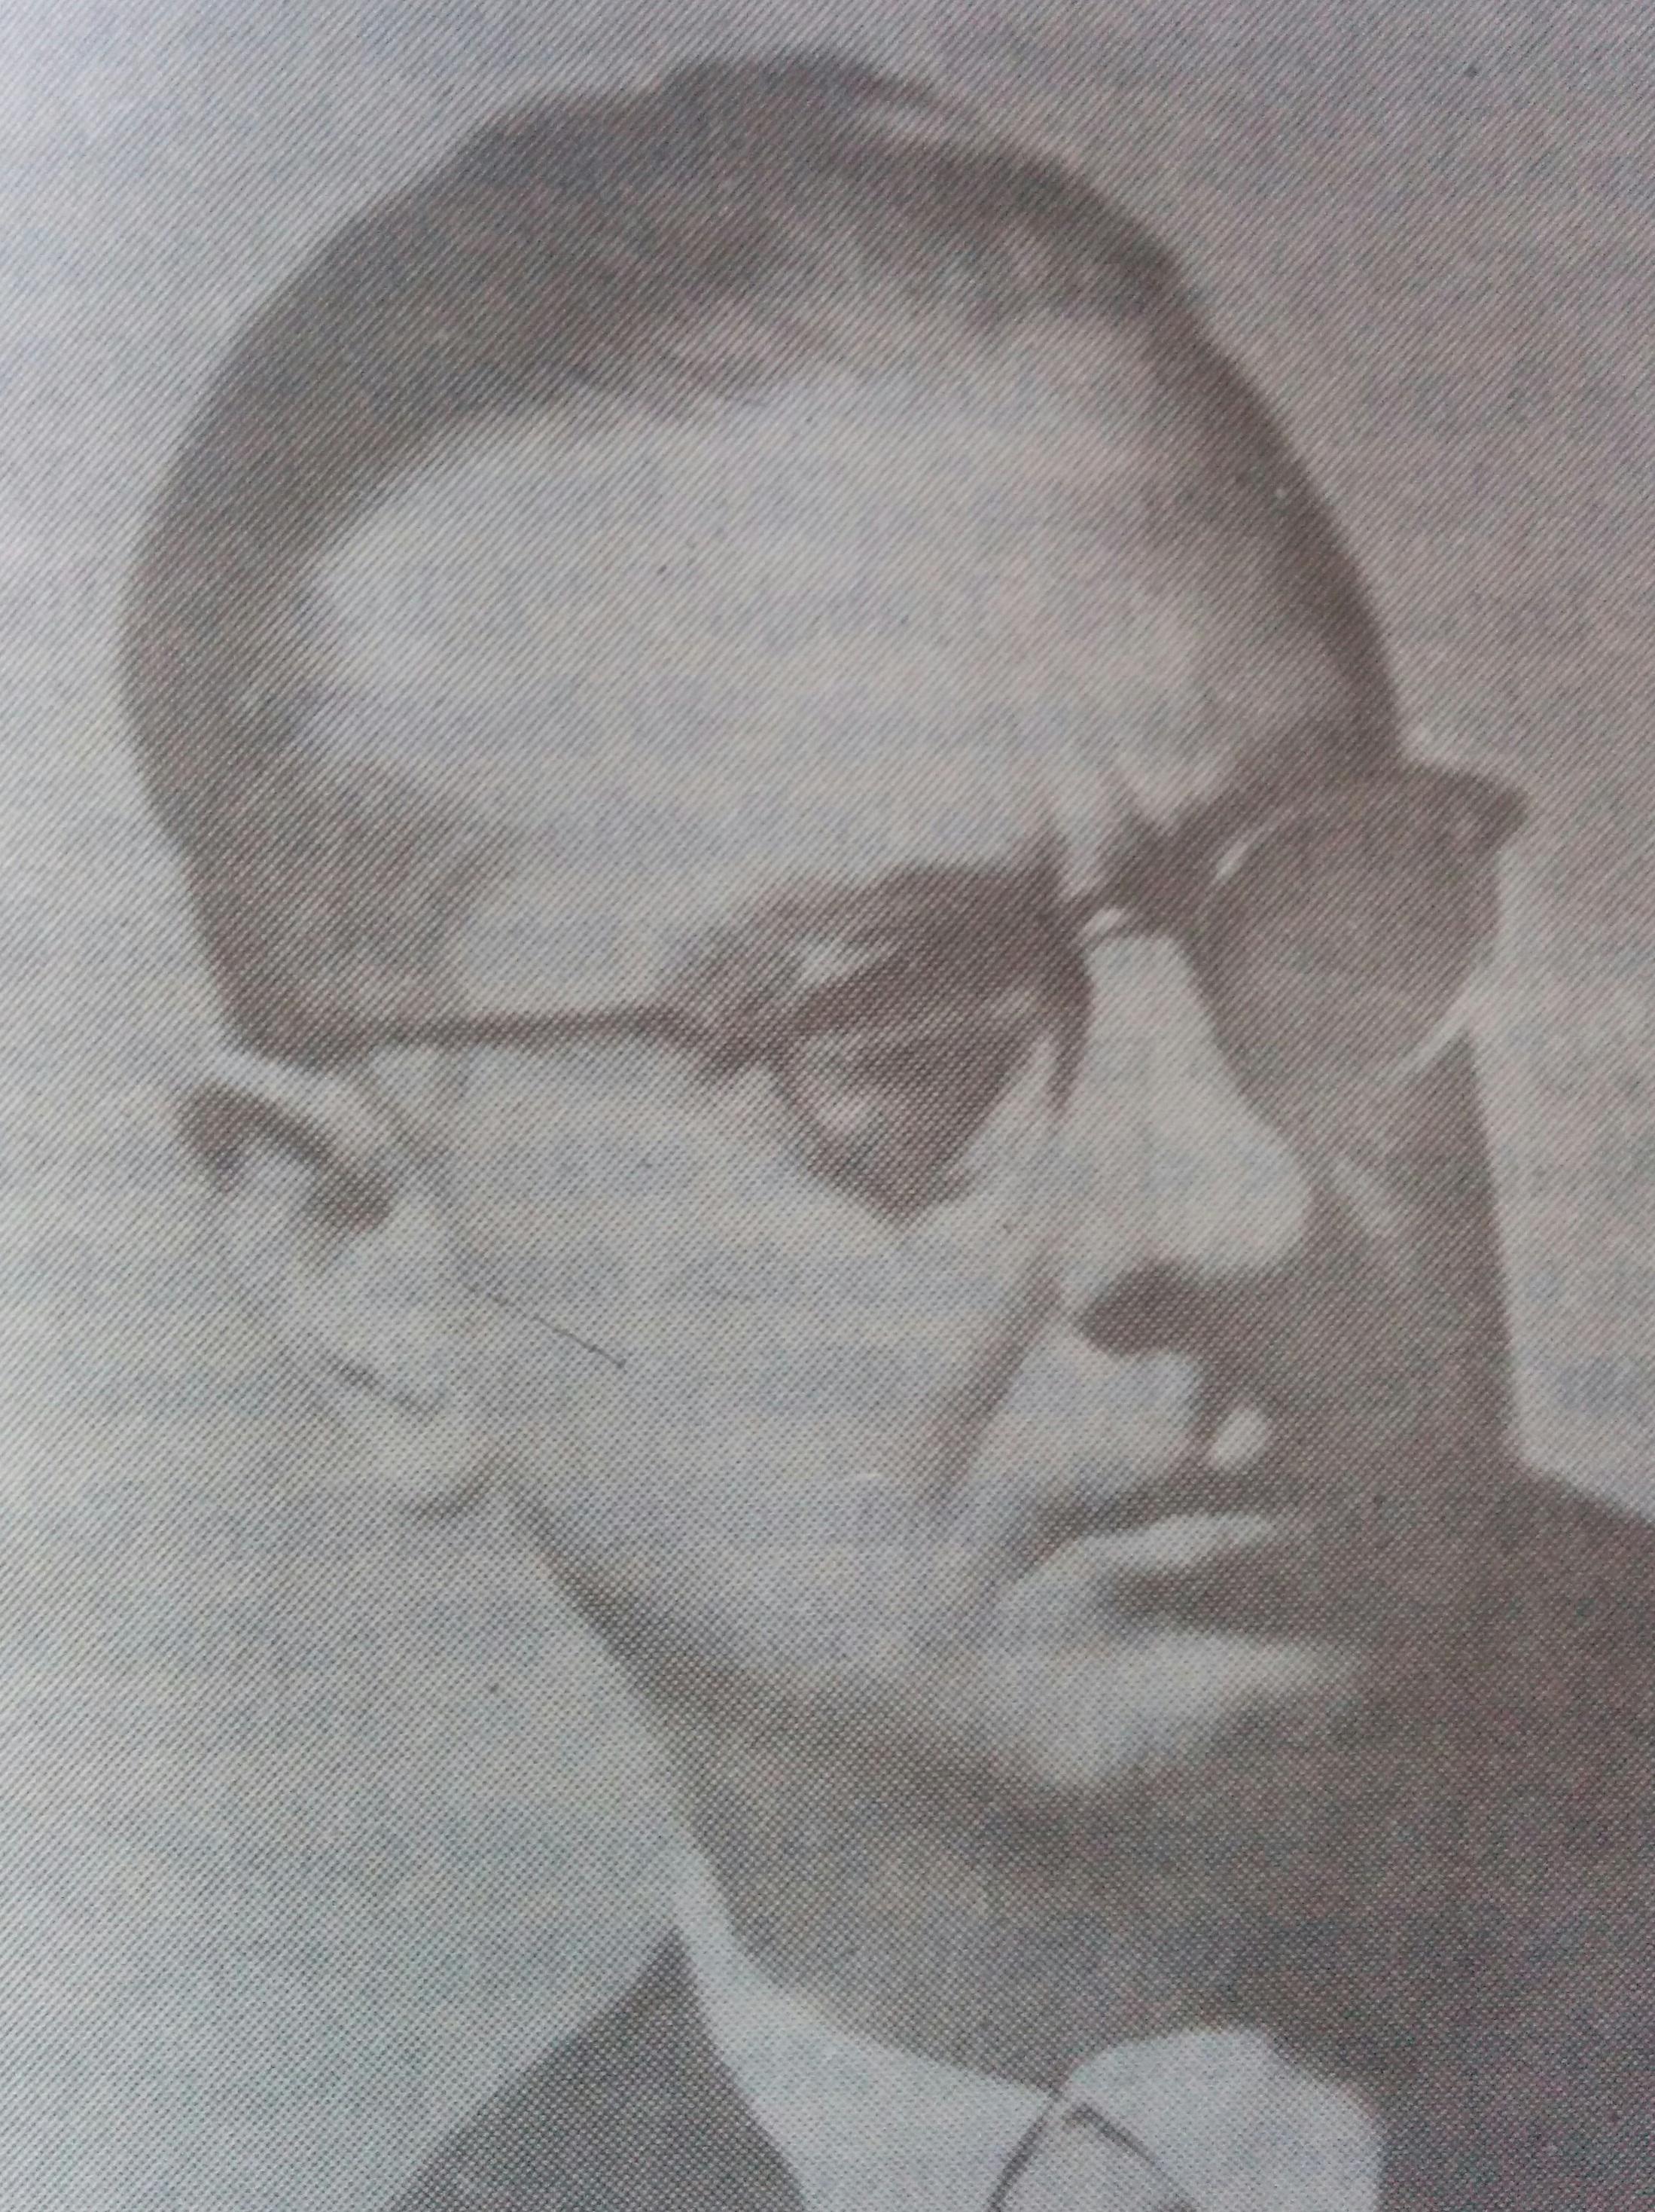 El profesor Pascual Grisolía (1904-1983).